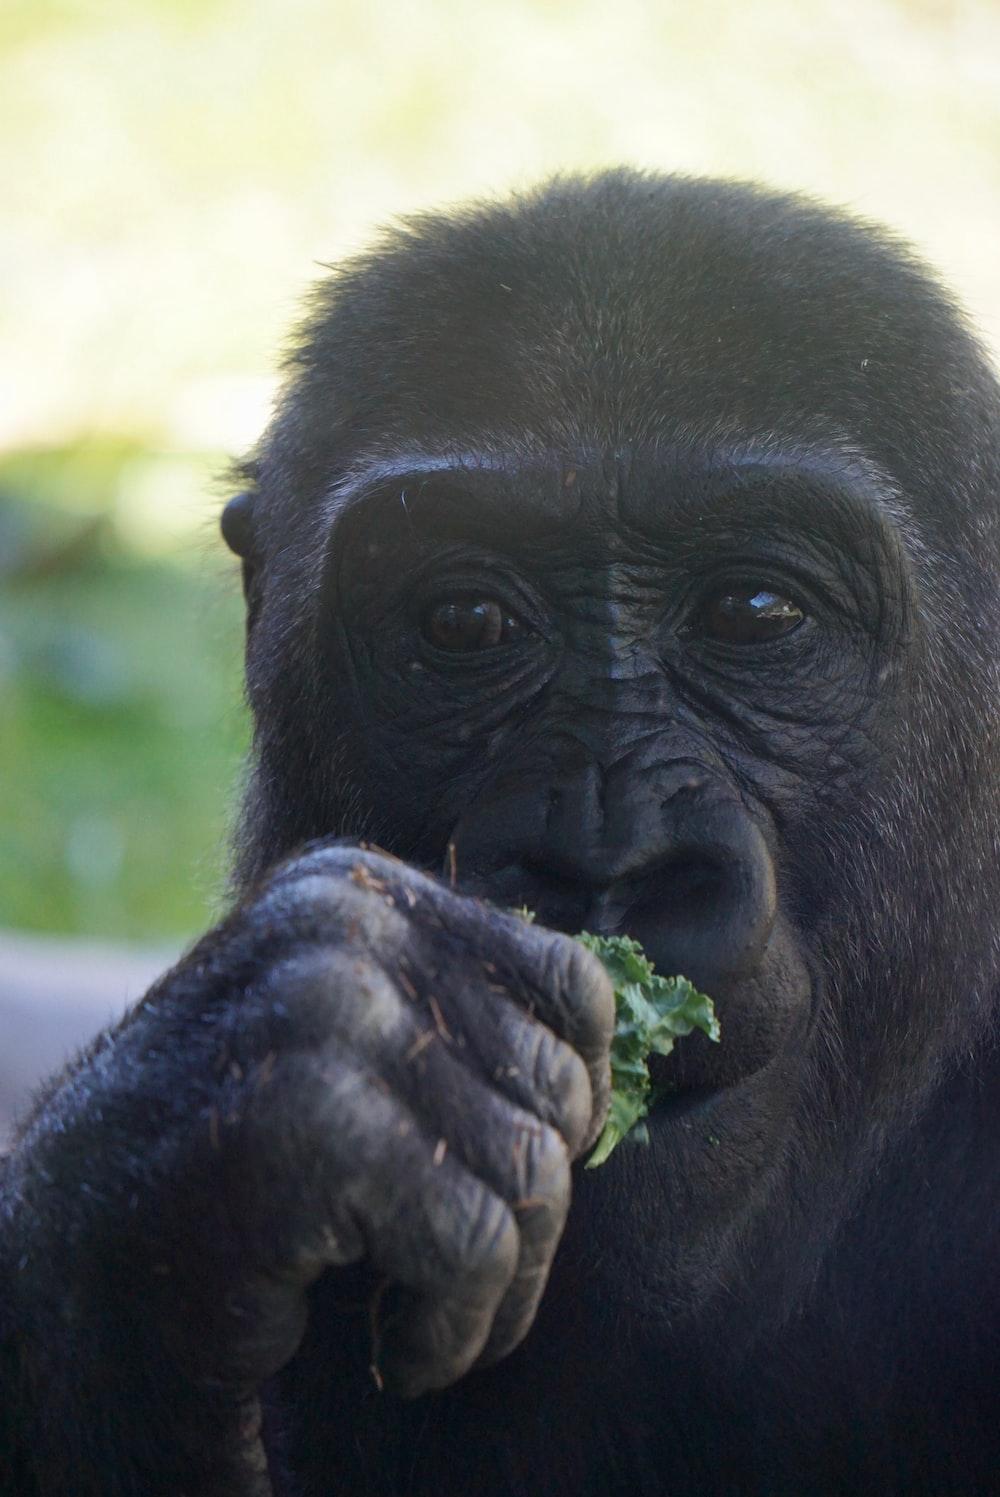 gorilla eating green leaf\